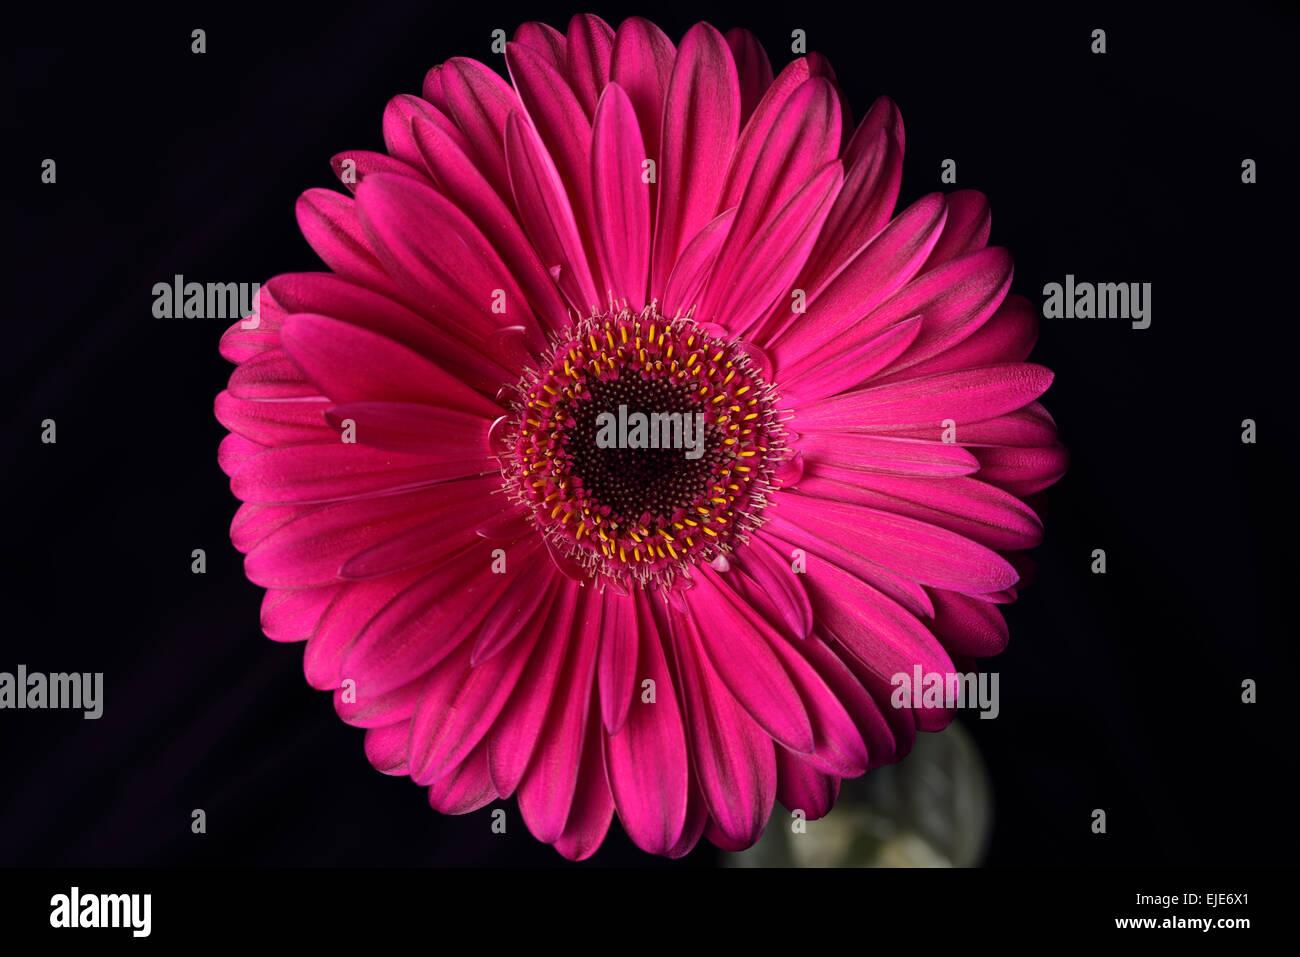 Pink Gerbera Daisy Stock Photos Pink Gerbera Daisy Stock Images